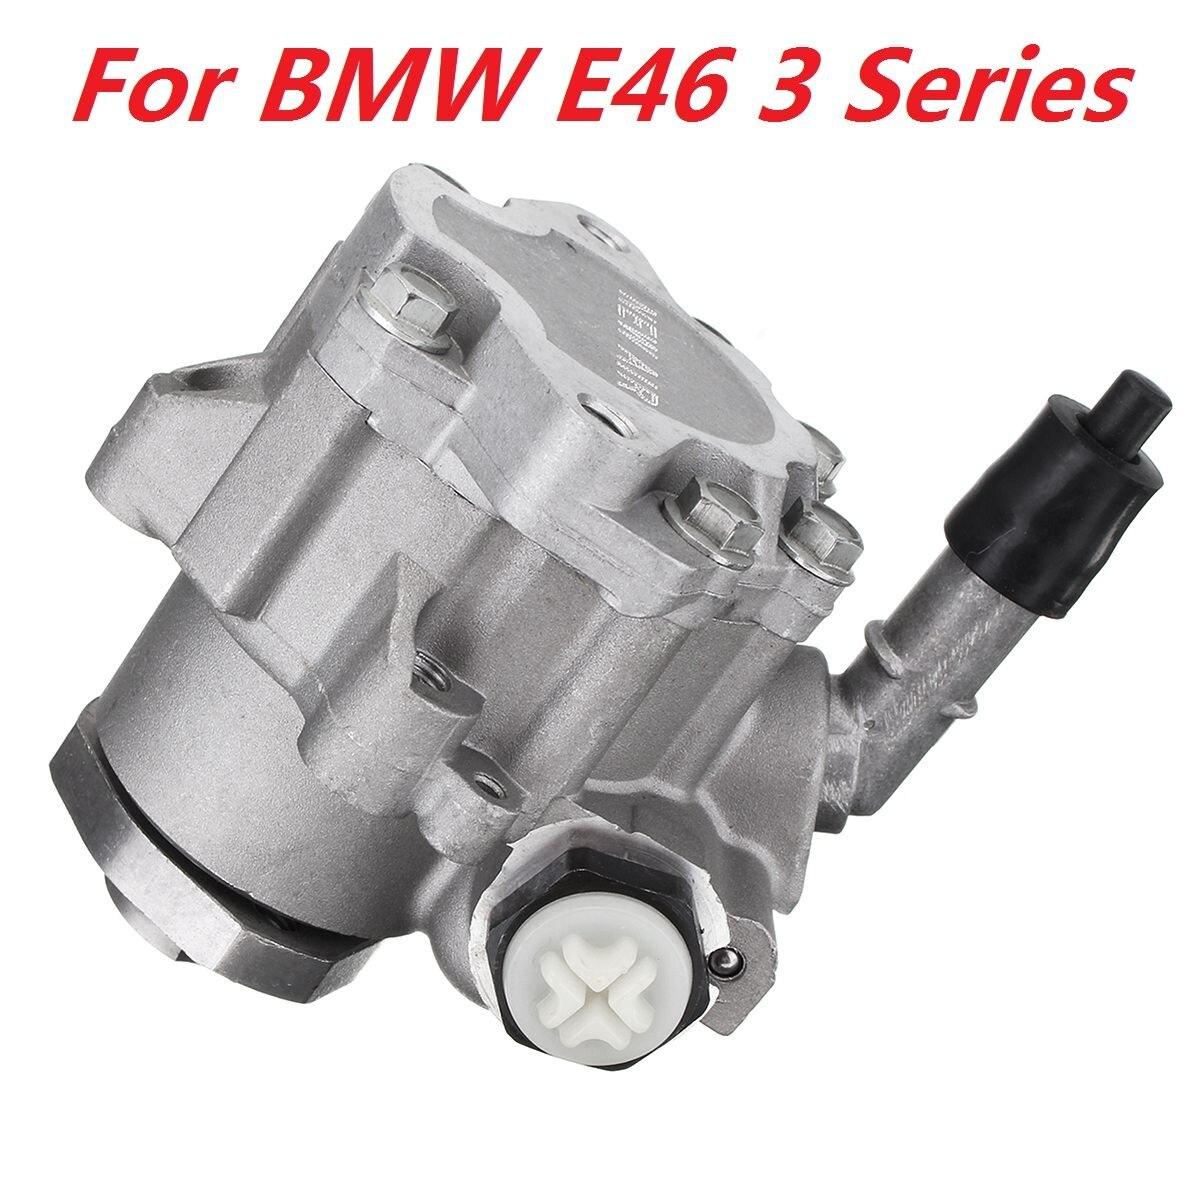 Motor De Bomba De Direccion Asistida Para Bmw E46 3 Series 325i 328i 32411094965 Nuevo